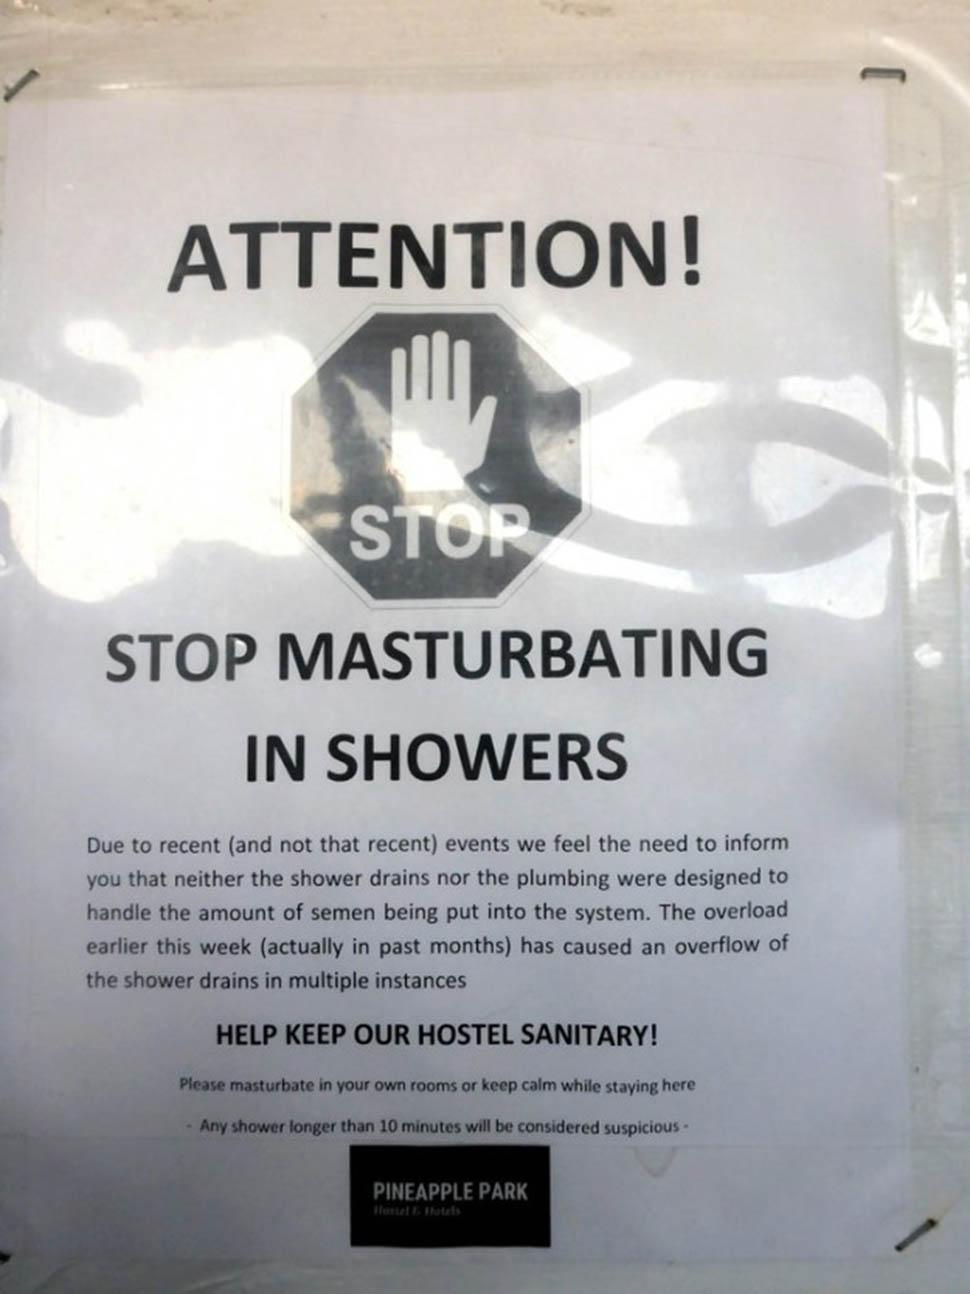 Хостелы в реальной жизни. «Внимание! Прекратите мастурбировать в душе. В связи с недавними (и не нед